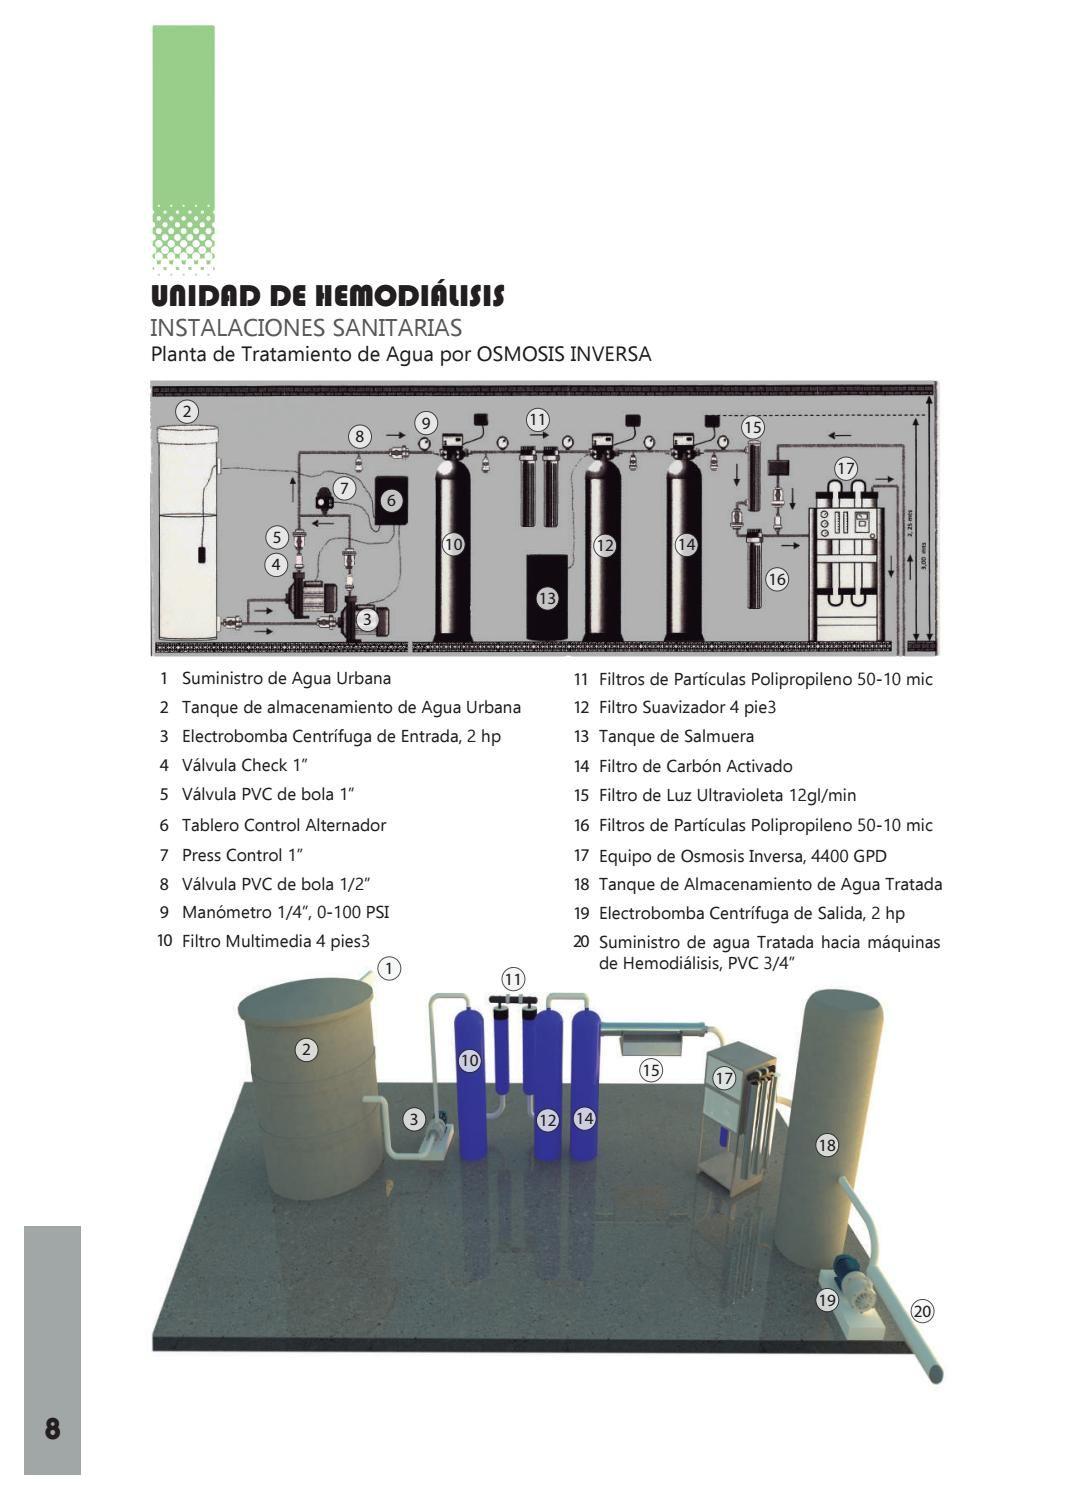 Pin De Moises Navarro En Architecture Almacenamiento De Agua Dialisis Y Hemodialisis Planta De Tratamiento